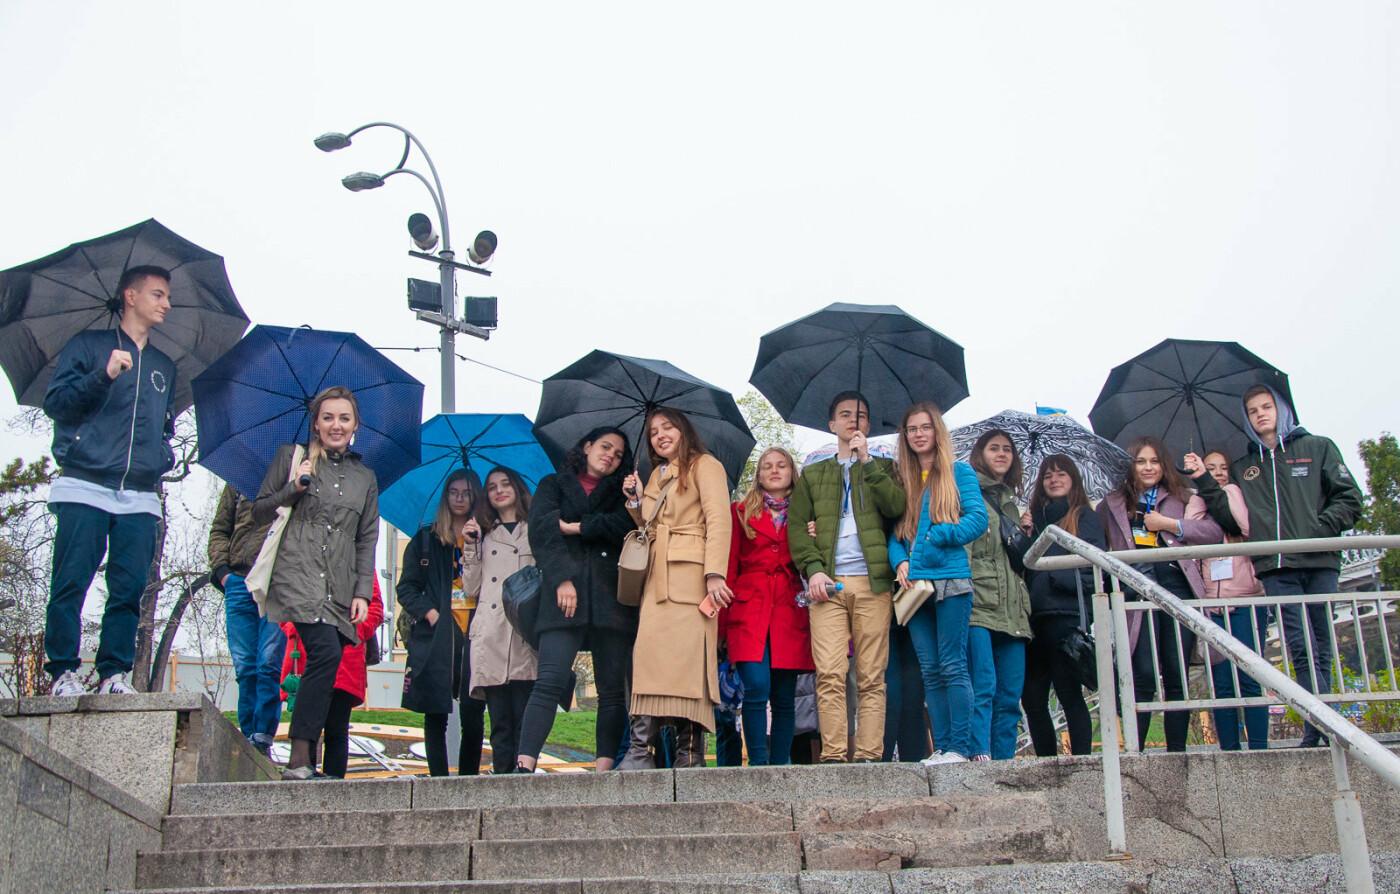 Подорож до парламенту: 20 закарпатських школярів виграли поїздку на освітню екскурсію до Верховної Ради (ВІДЕО), фото-10